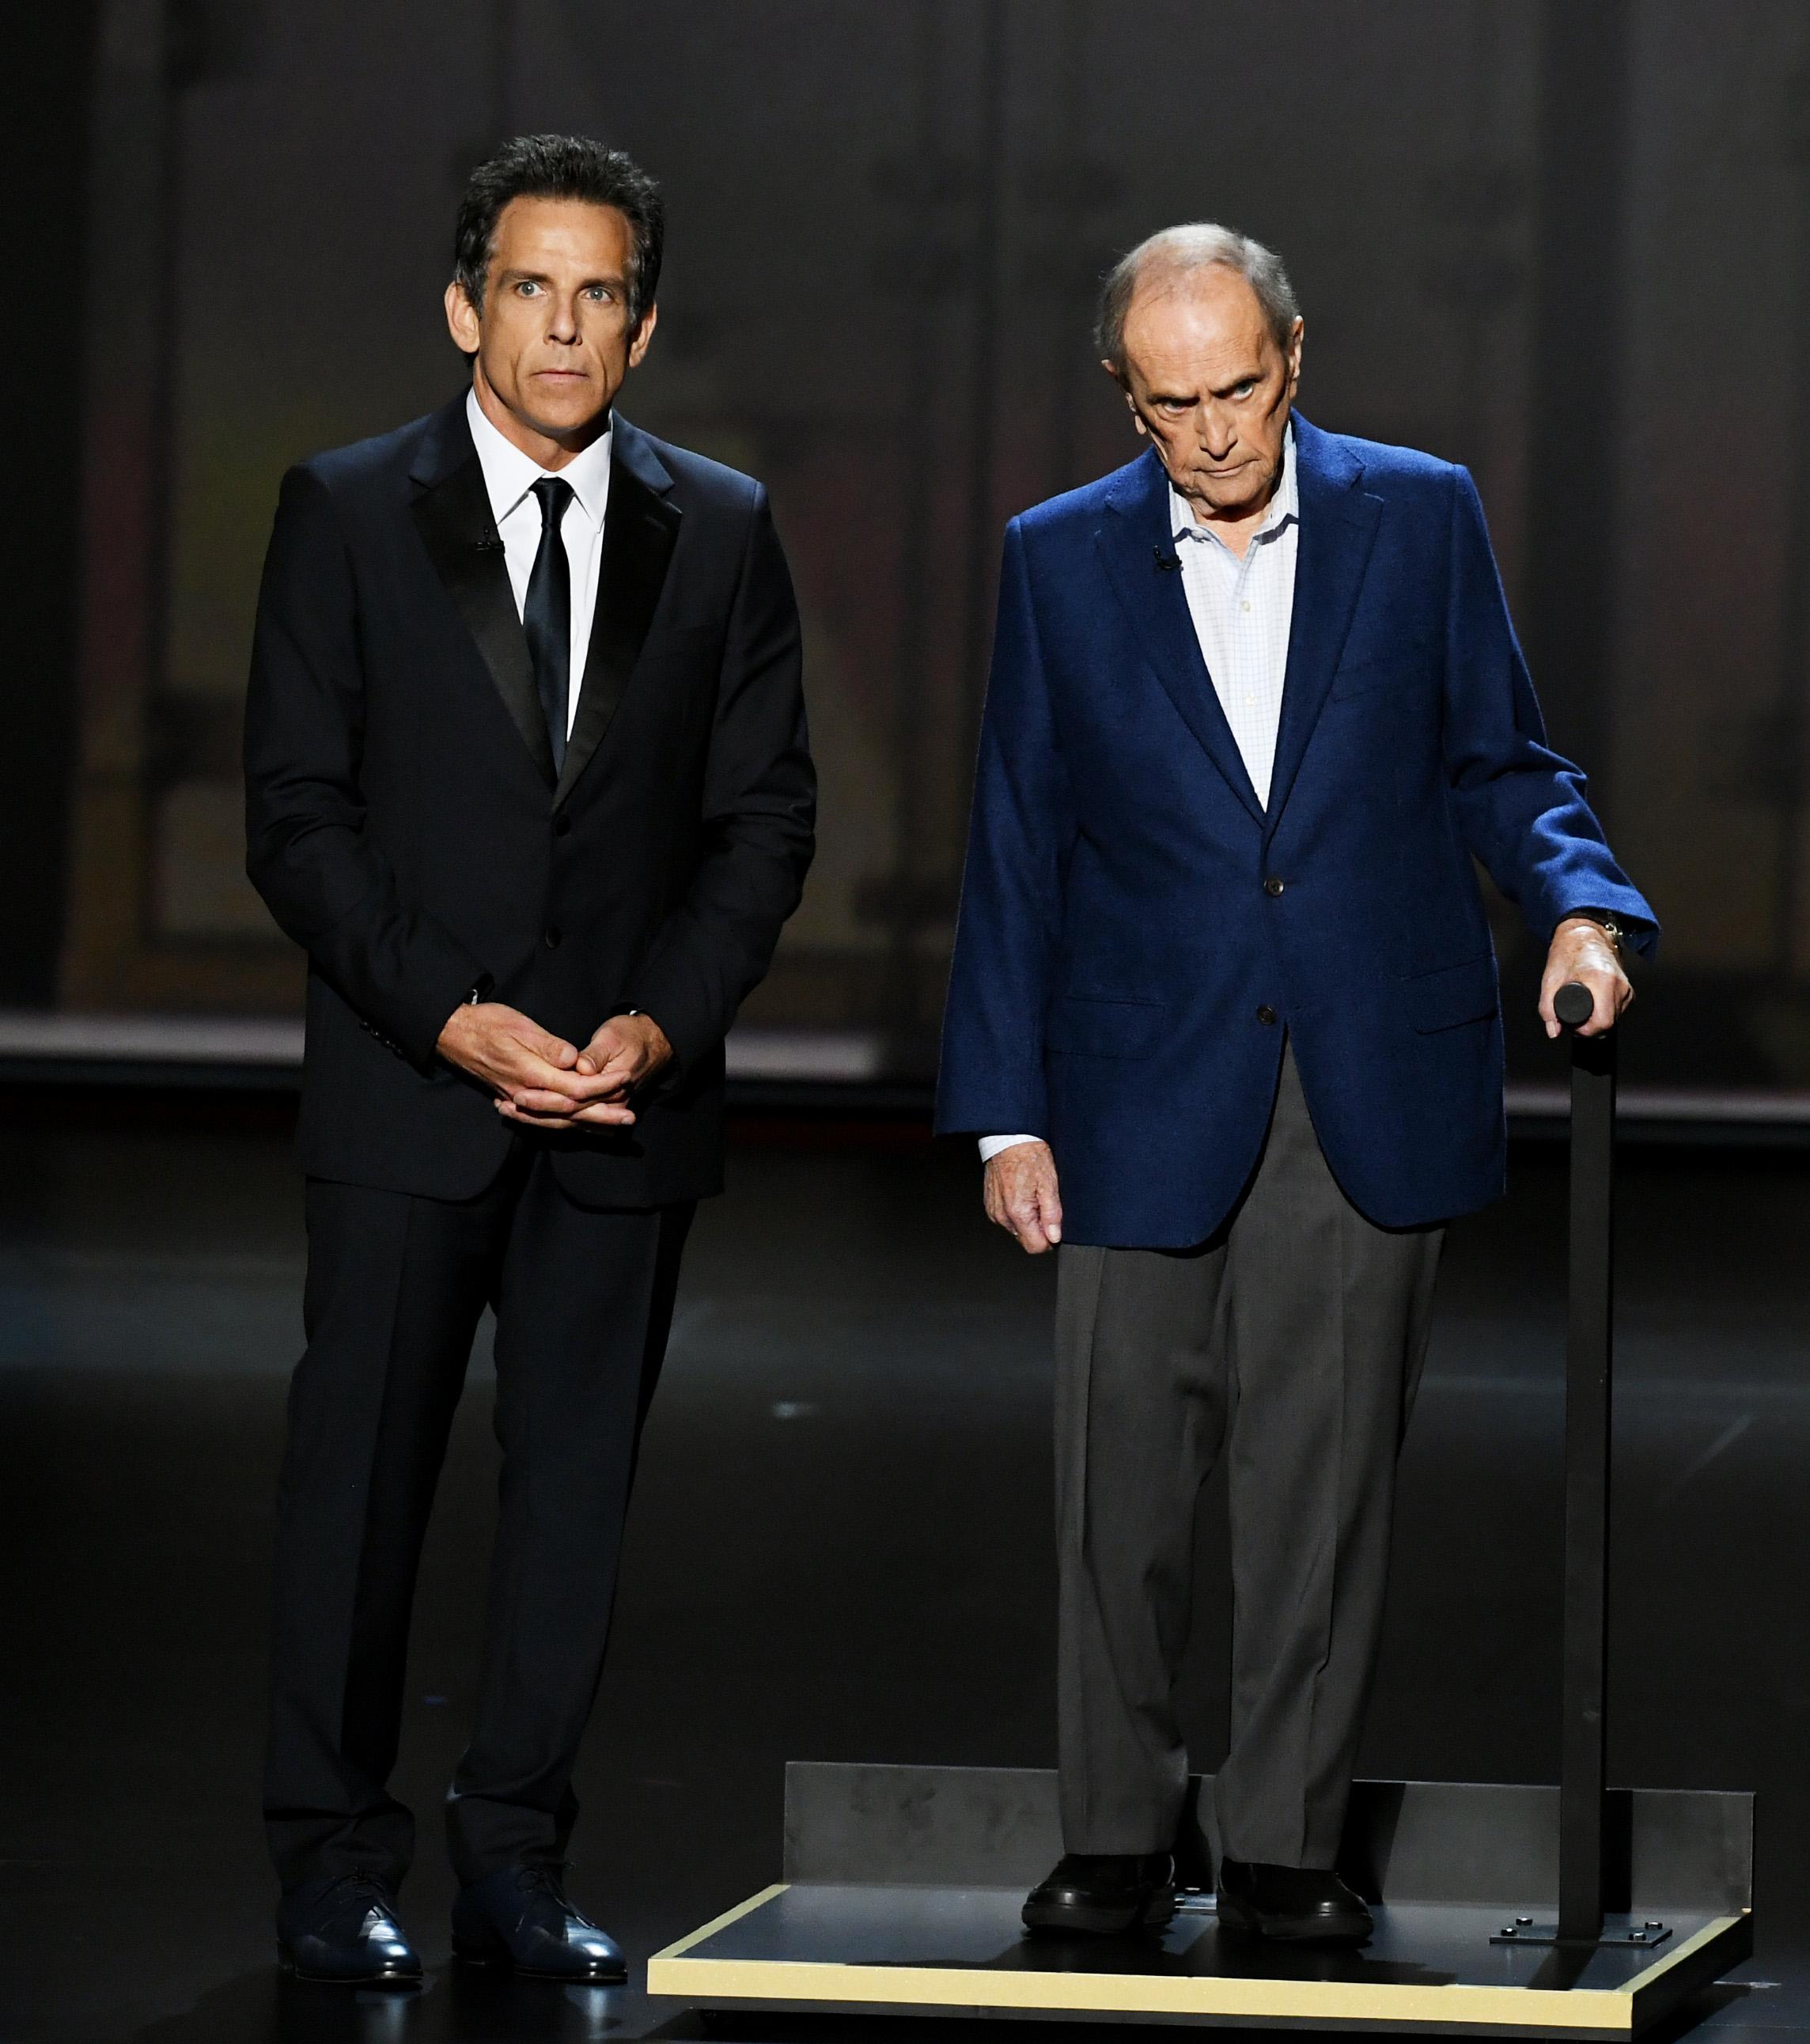 Ben Stiller and Bob Newhart